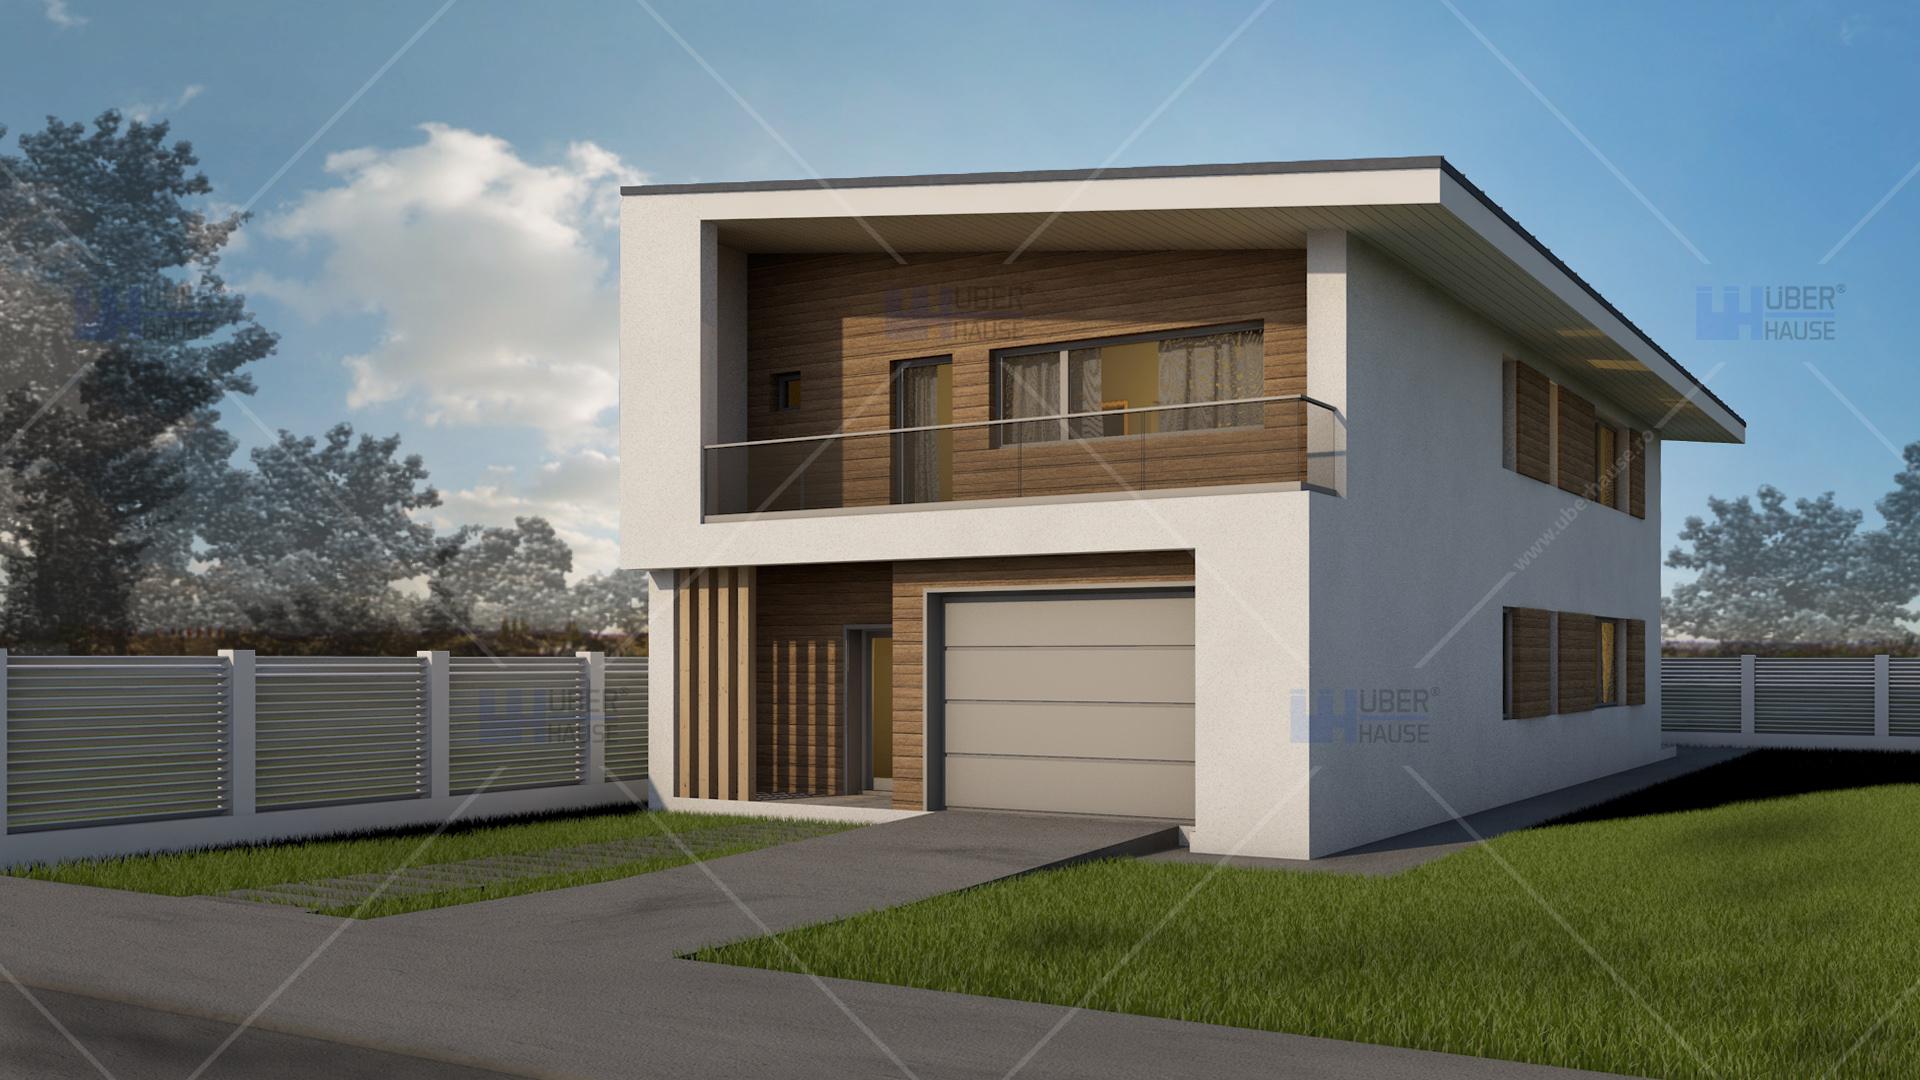 Lucrari proiecte proiect casa pe structura metalica for Proiect casa 100 mp fara etaj